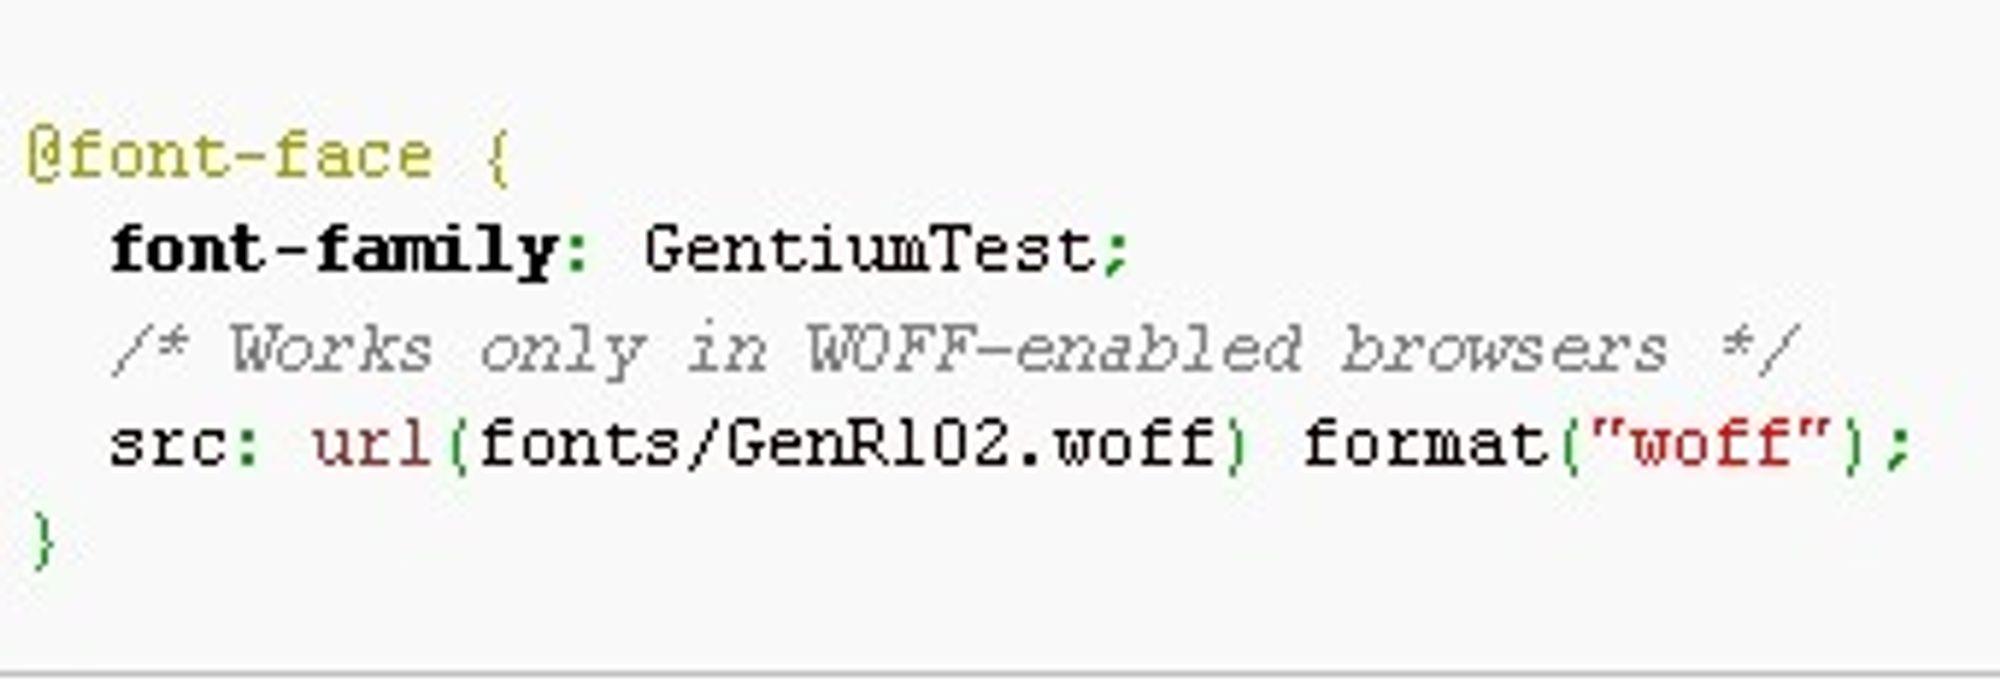 CSS-regel hvor det benyttes en WOFF-basert font.